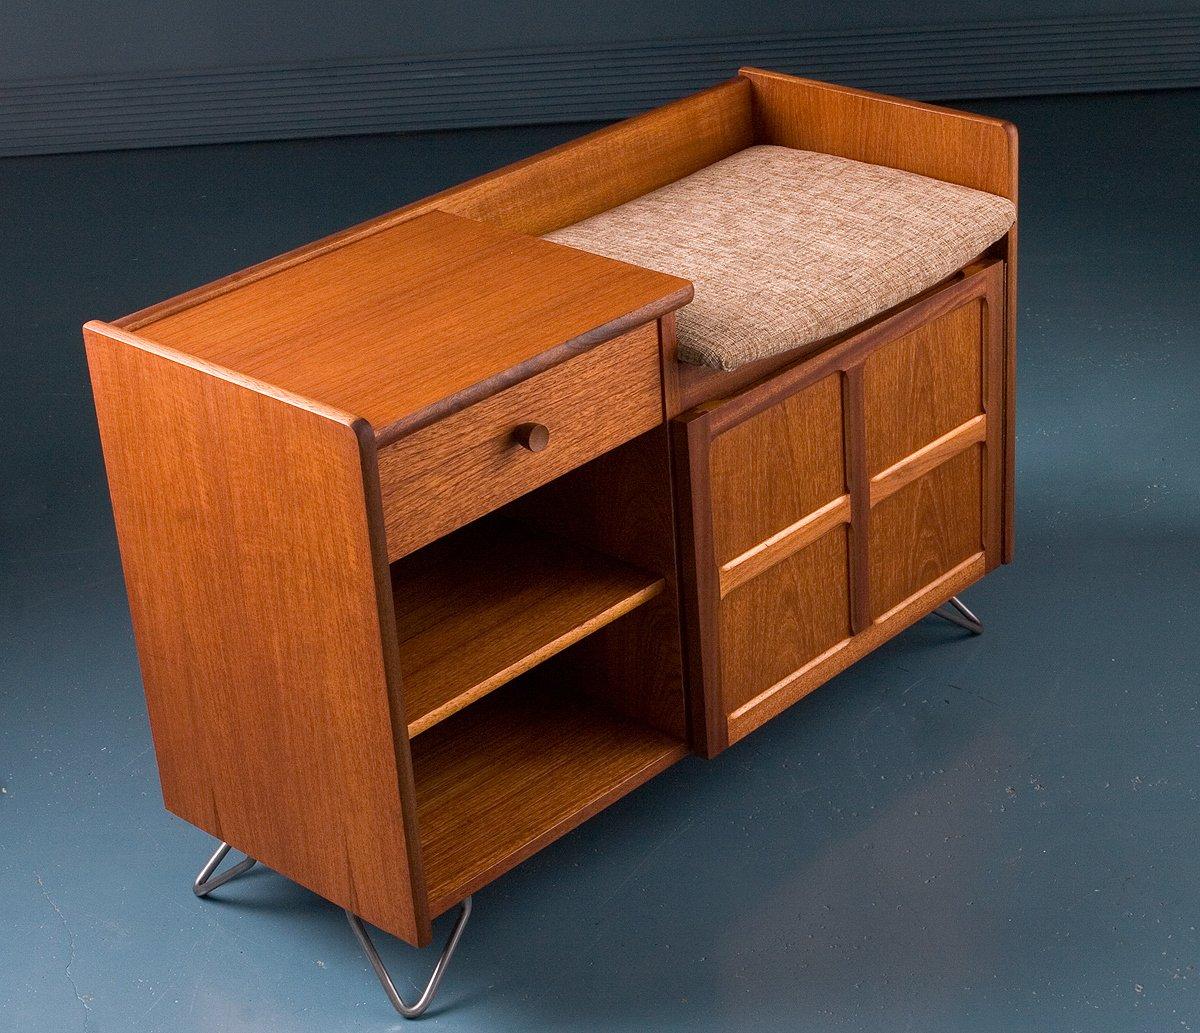 meuble pour t l phone avec si ge par nathan 1970s en vente sur pamono. Black Bedroom Furniture Sets. Home Design Ideas